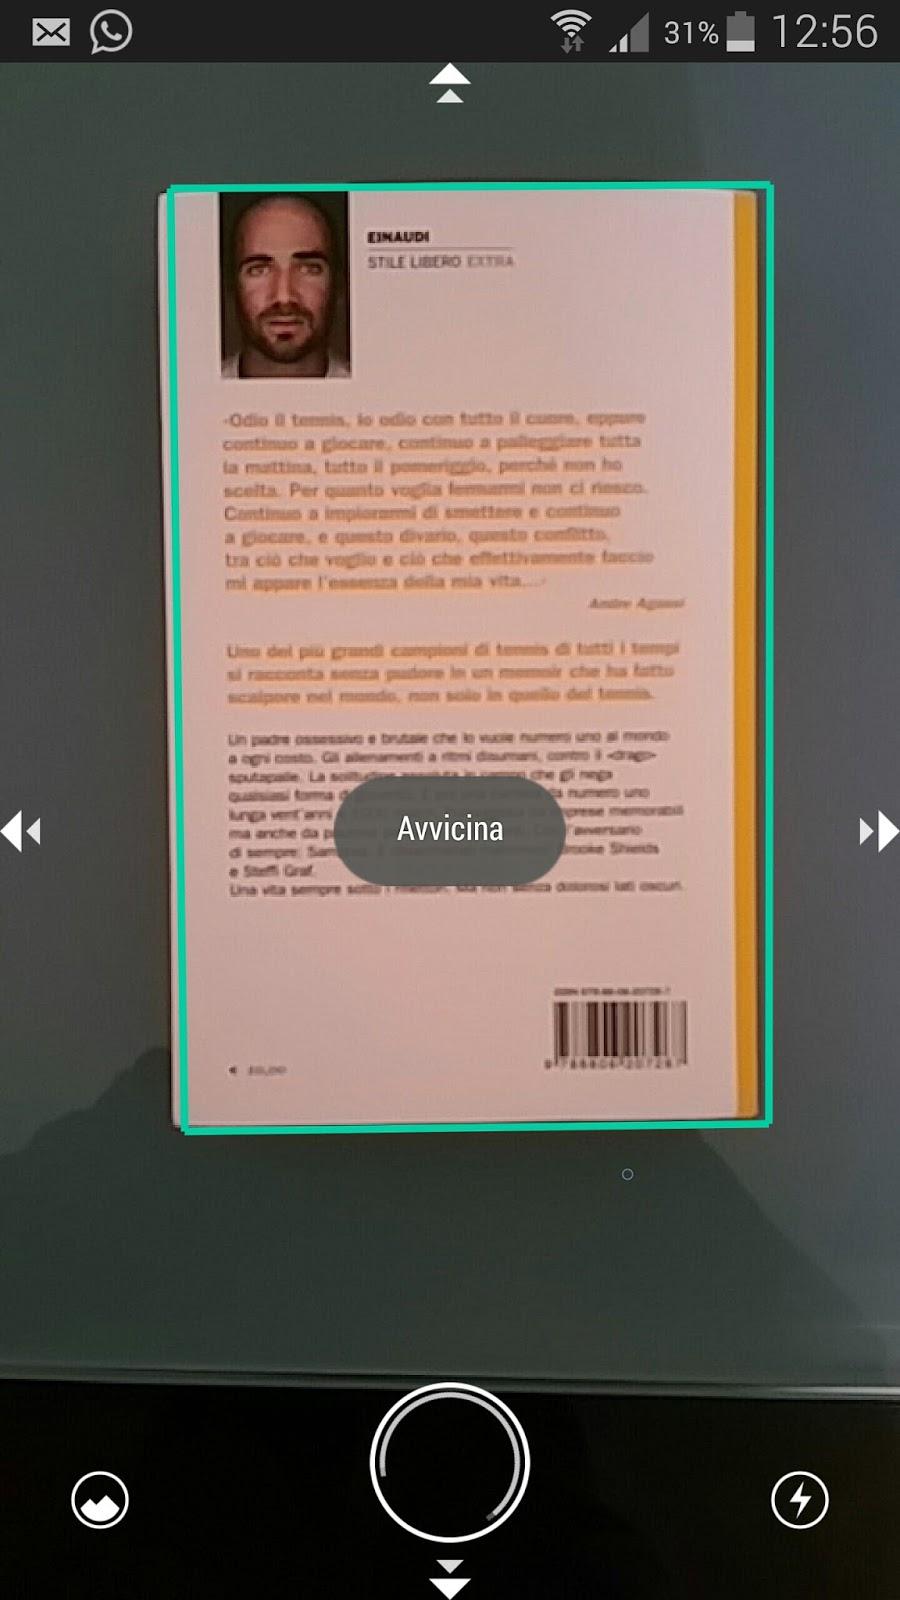 interfaccia della fotocamera incorporata di scanbot